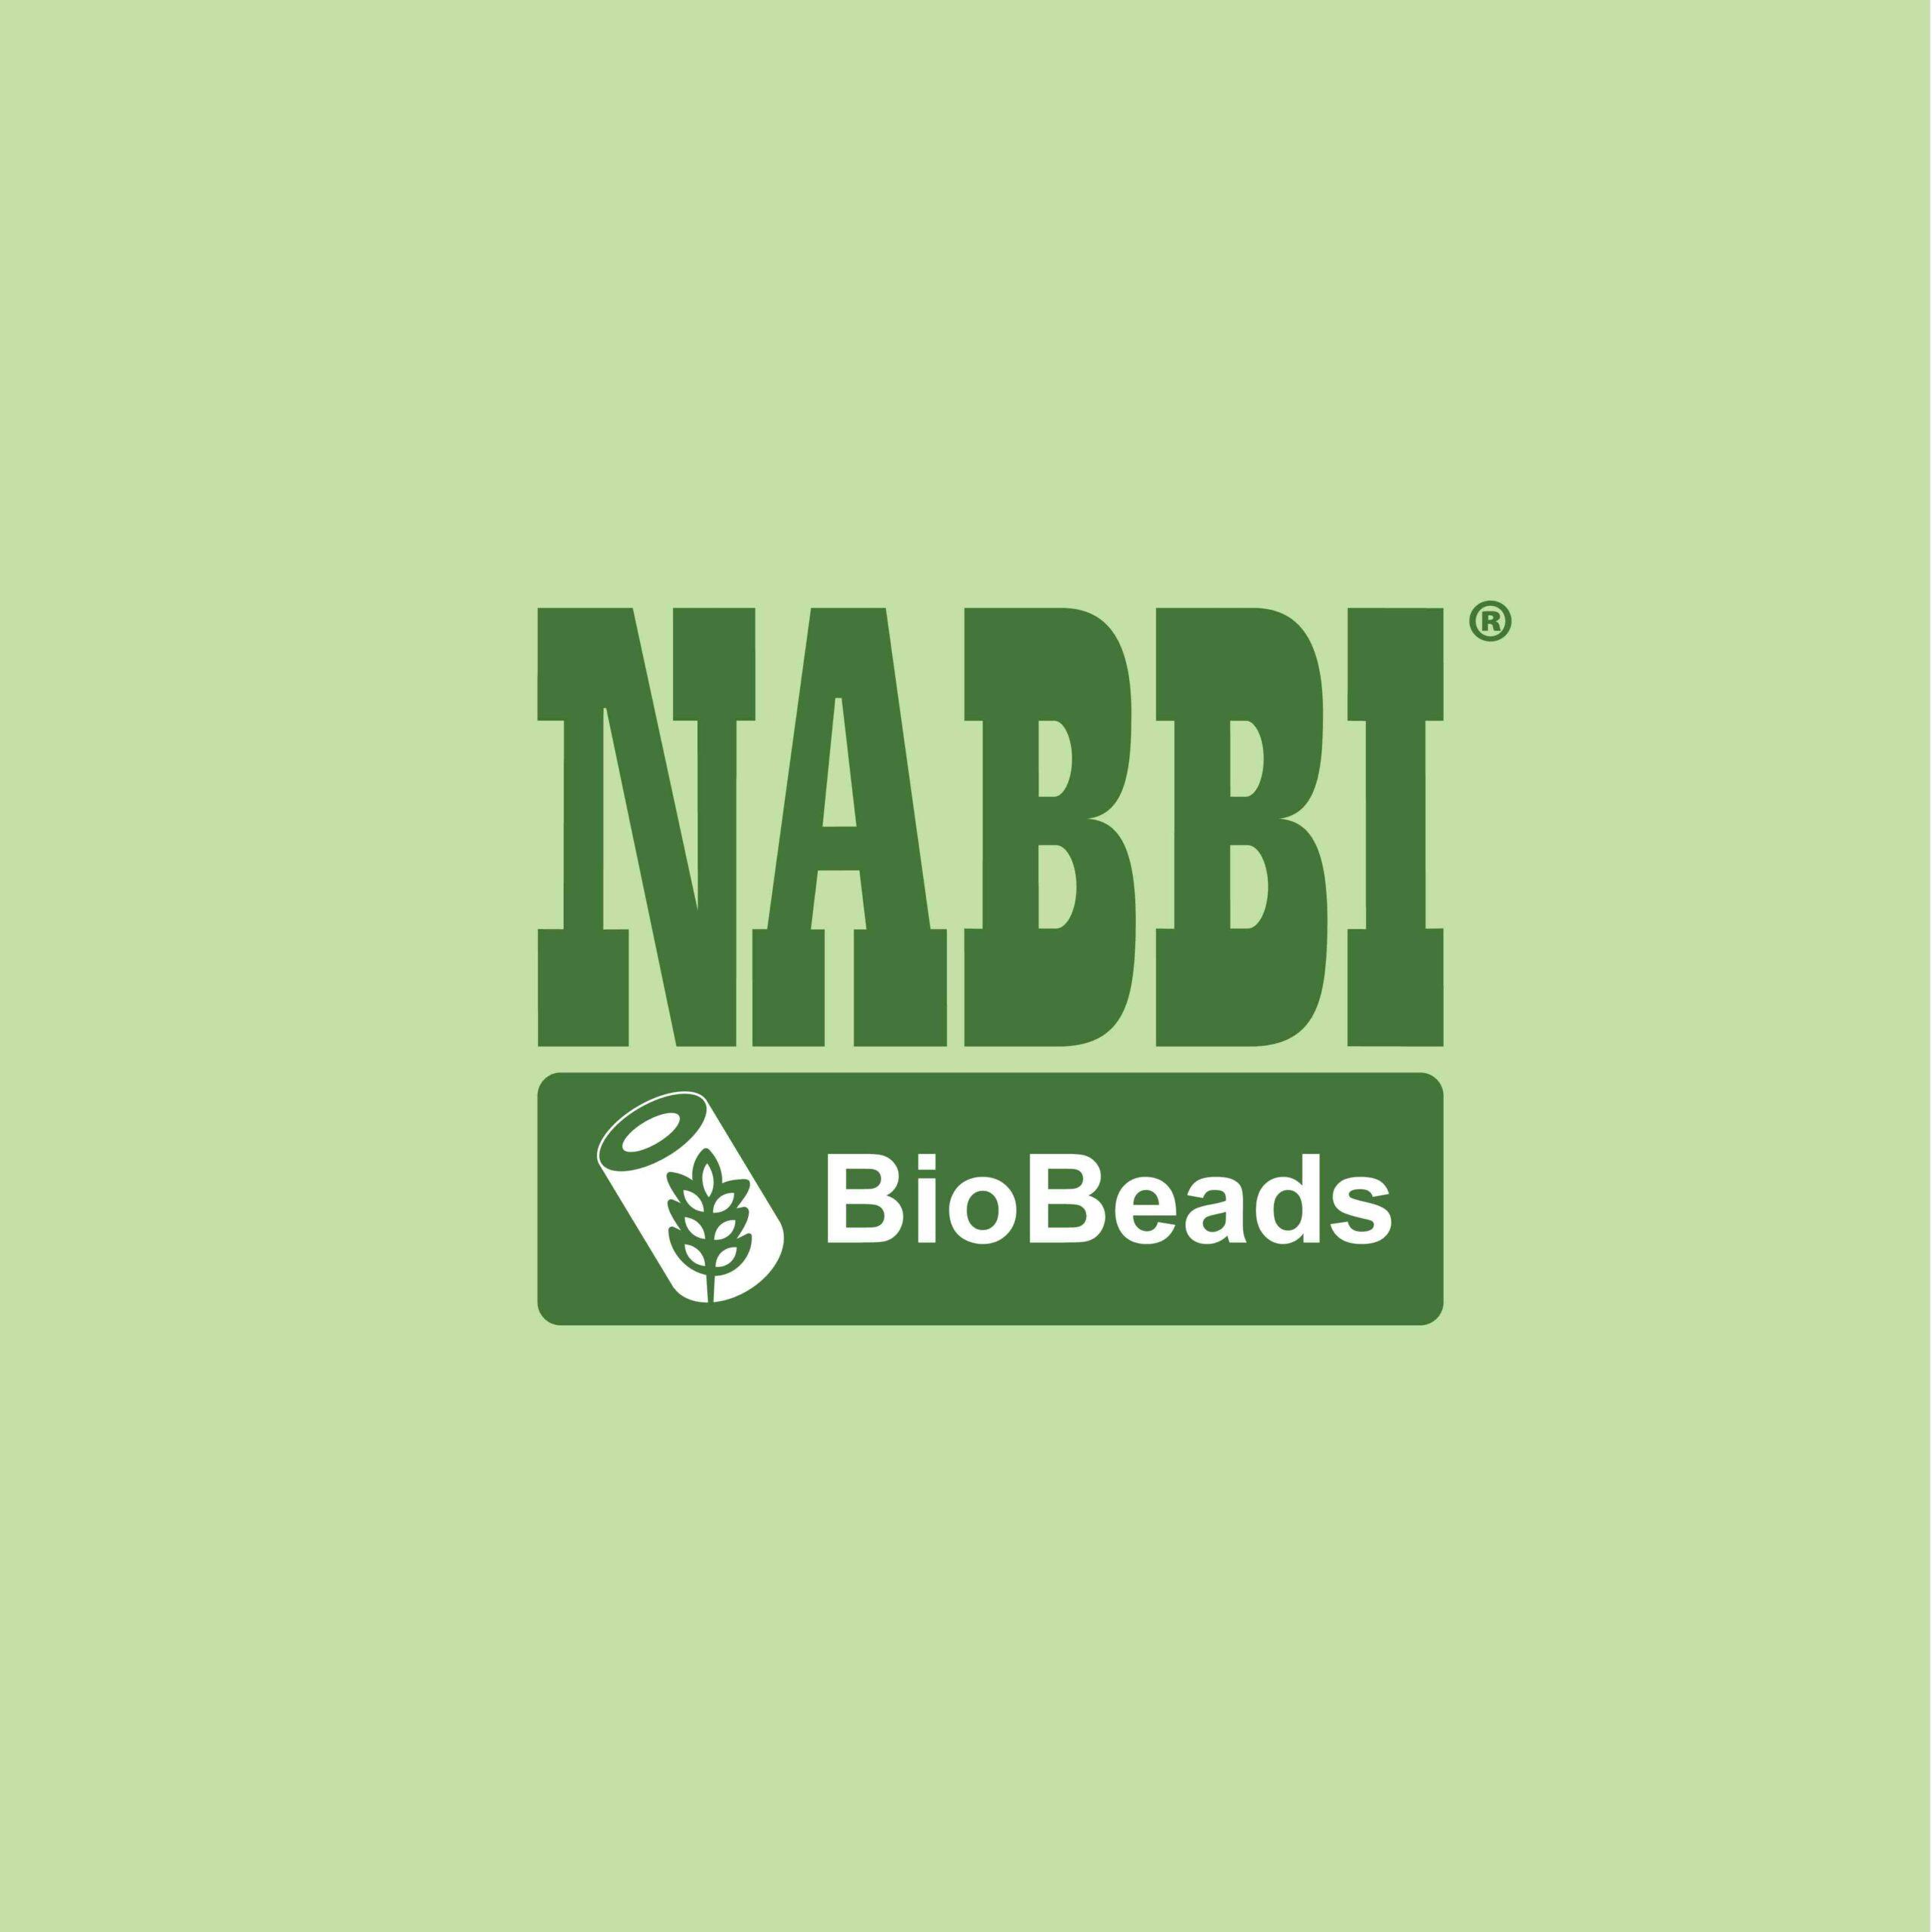 NABBI BioBeads